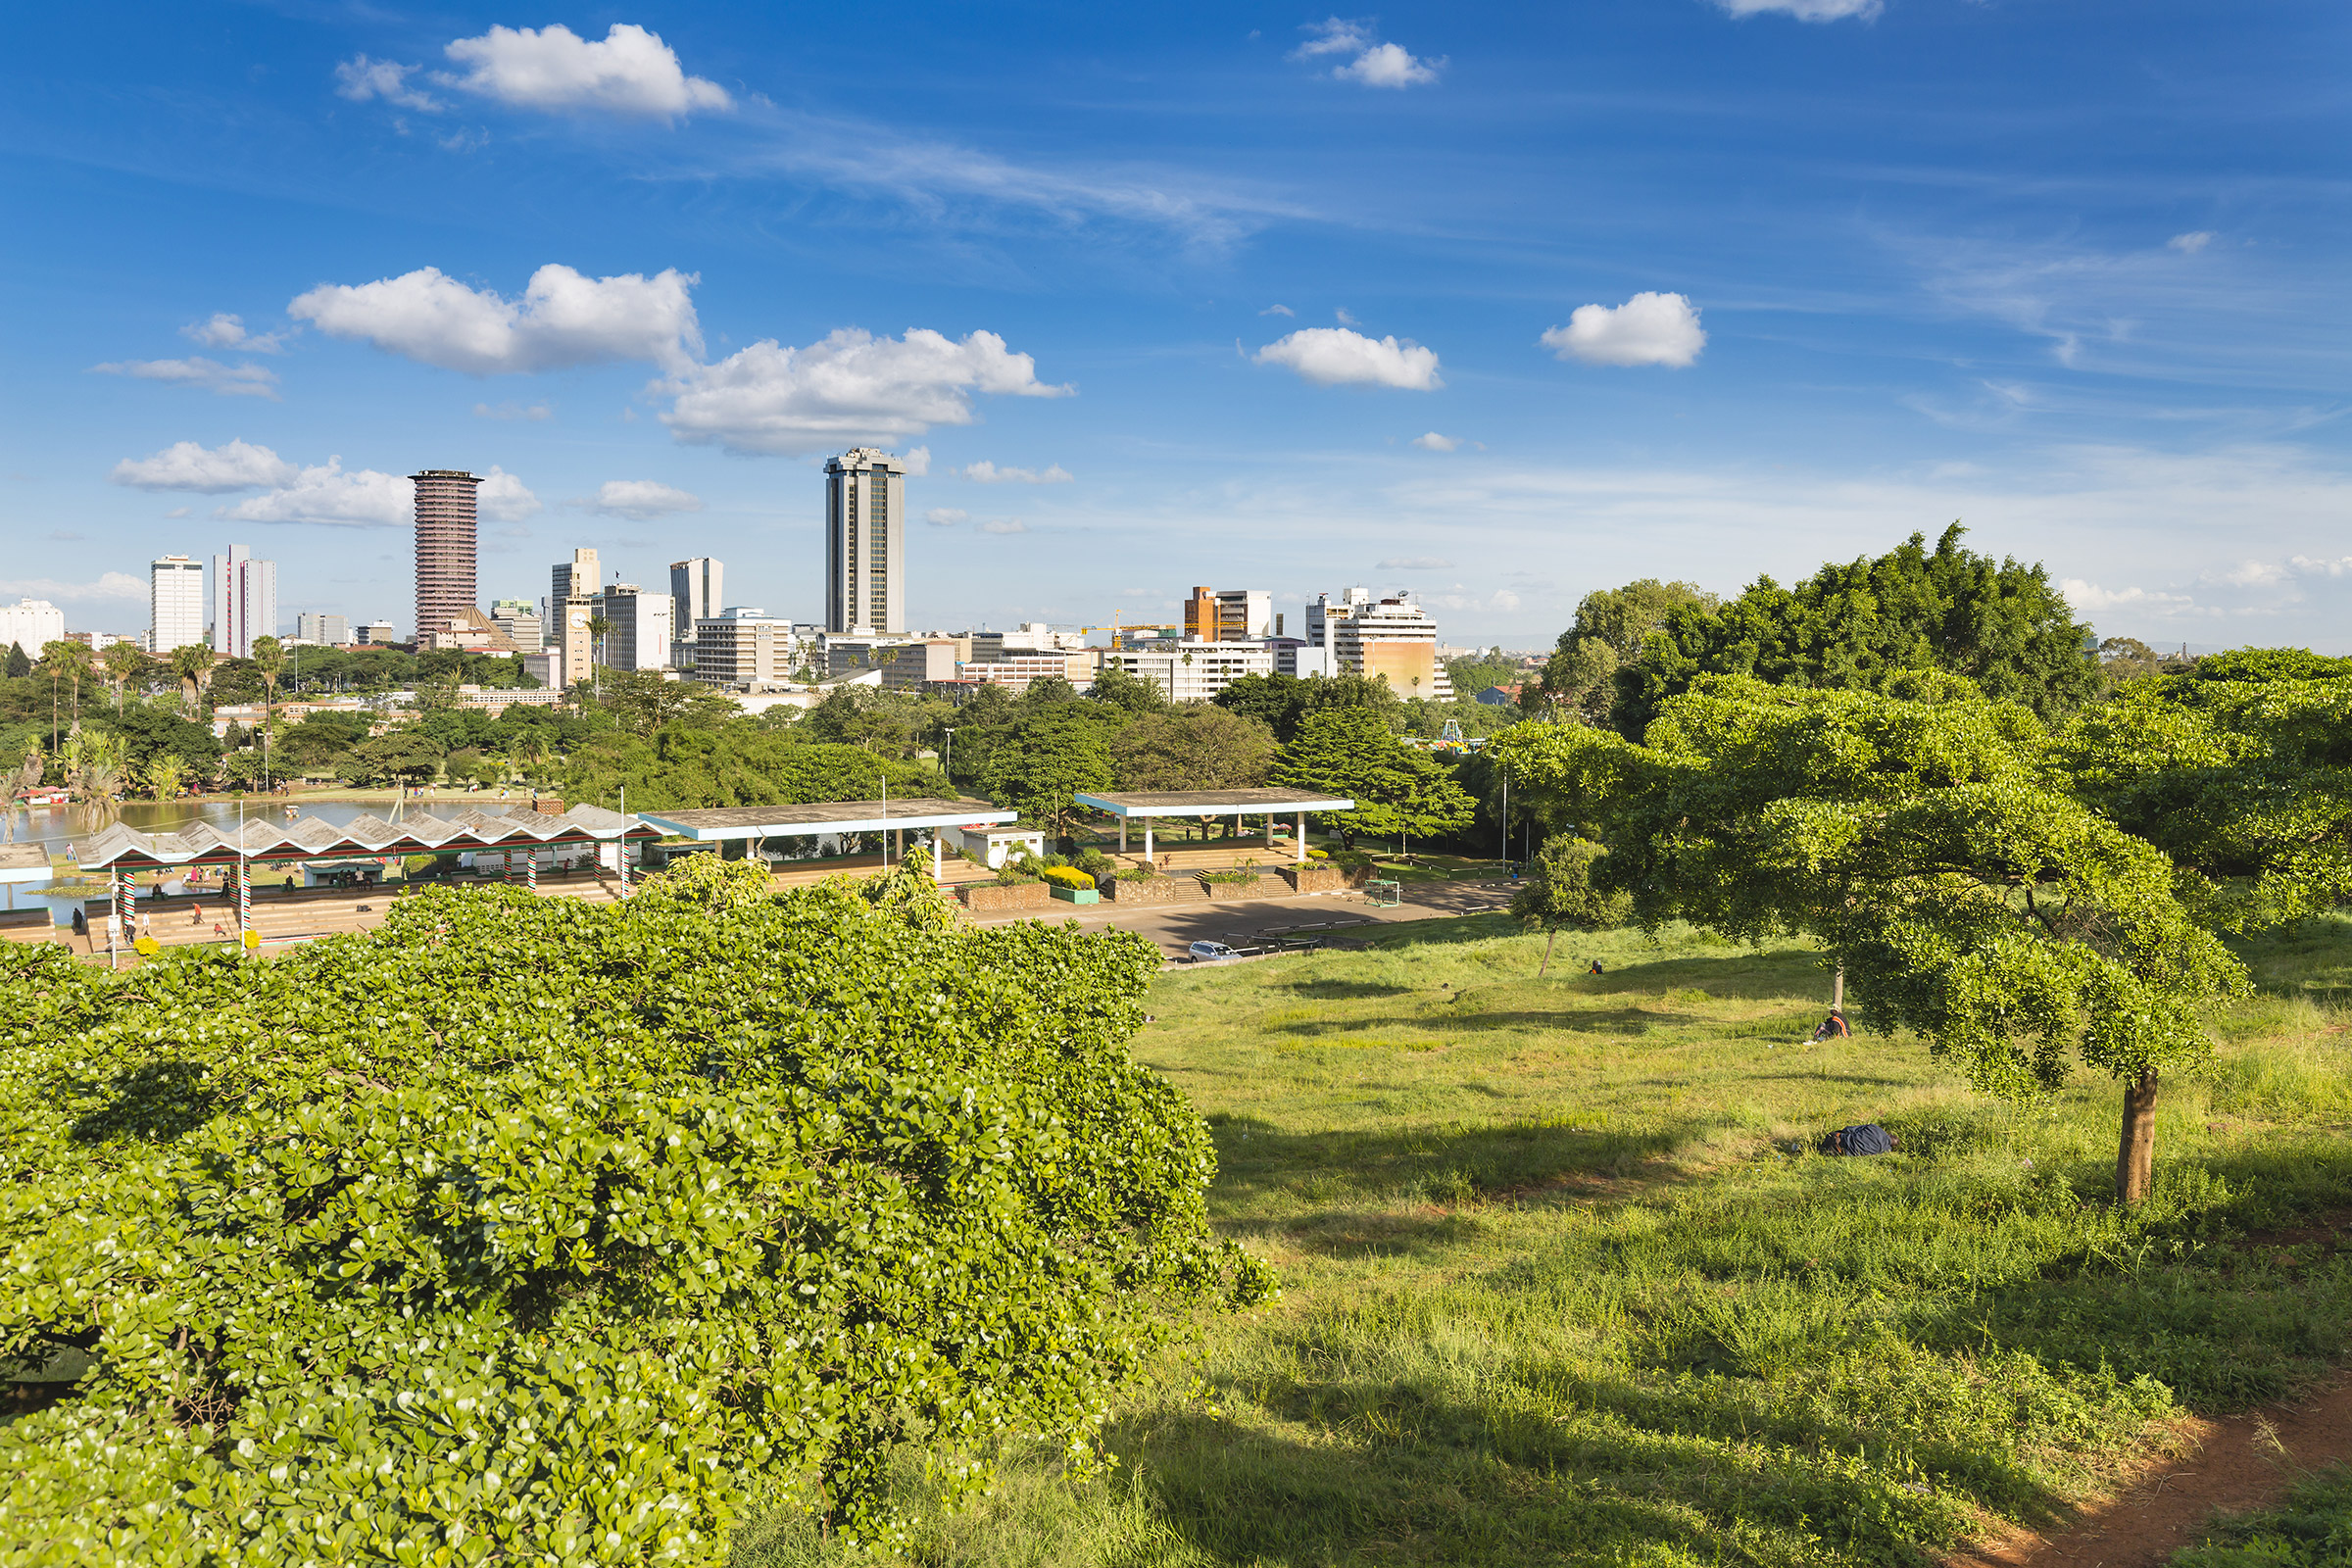 Kenya Nairobi Uhuru Park